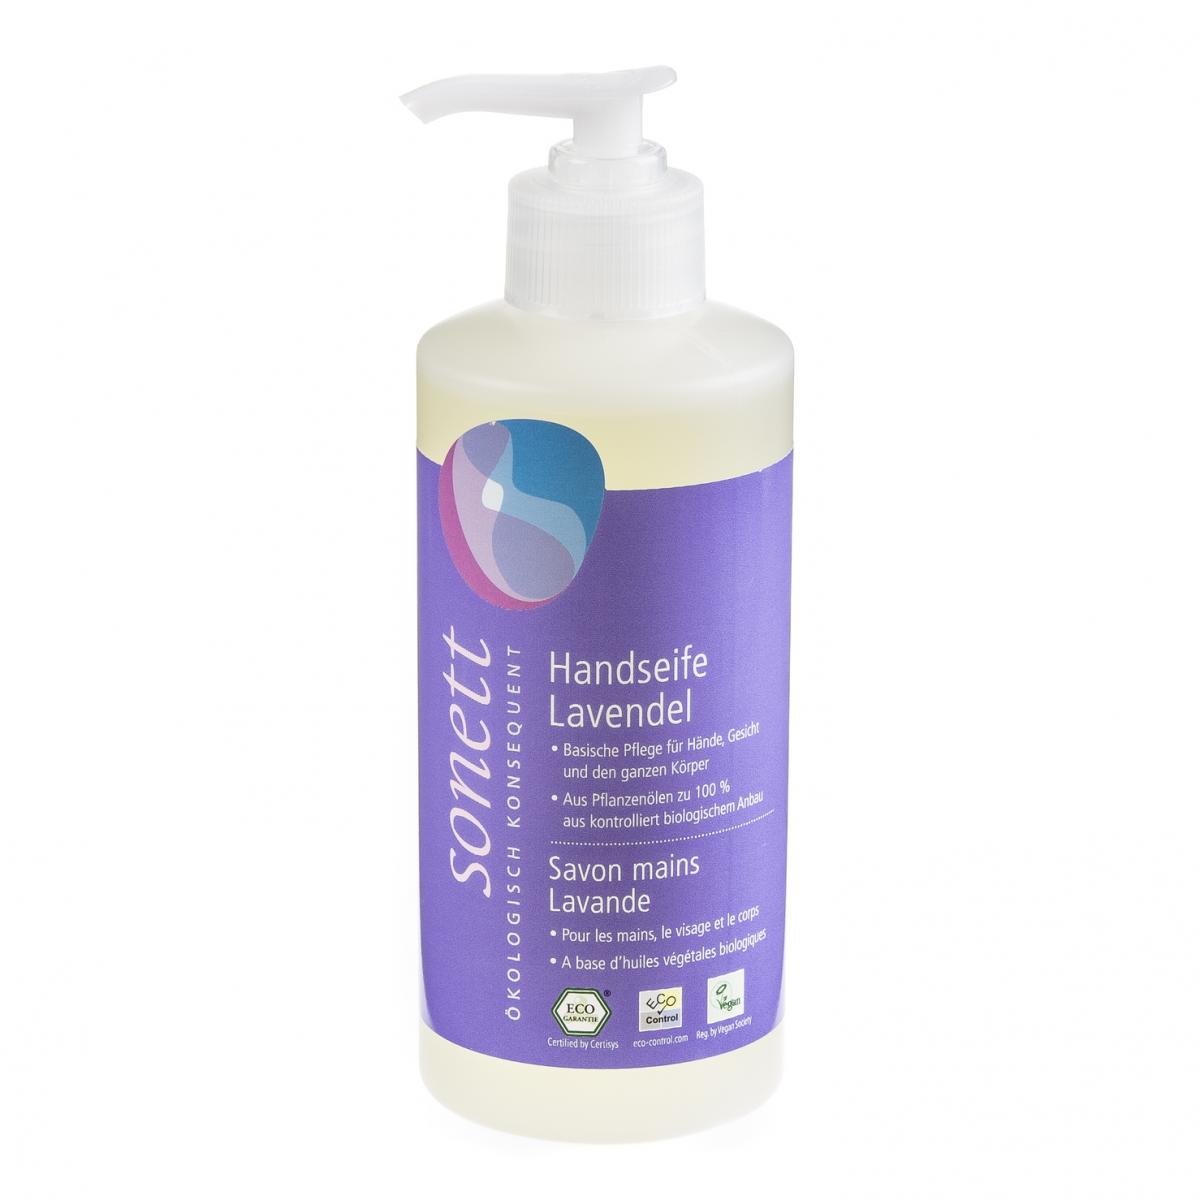 Handseife Lavendel, Pumpspender Flasche 300 ml/Plastik Einweg - Sonett